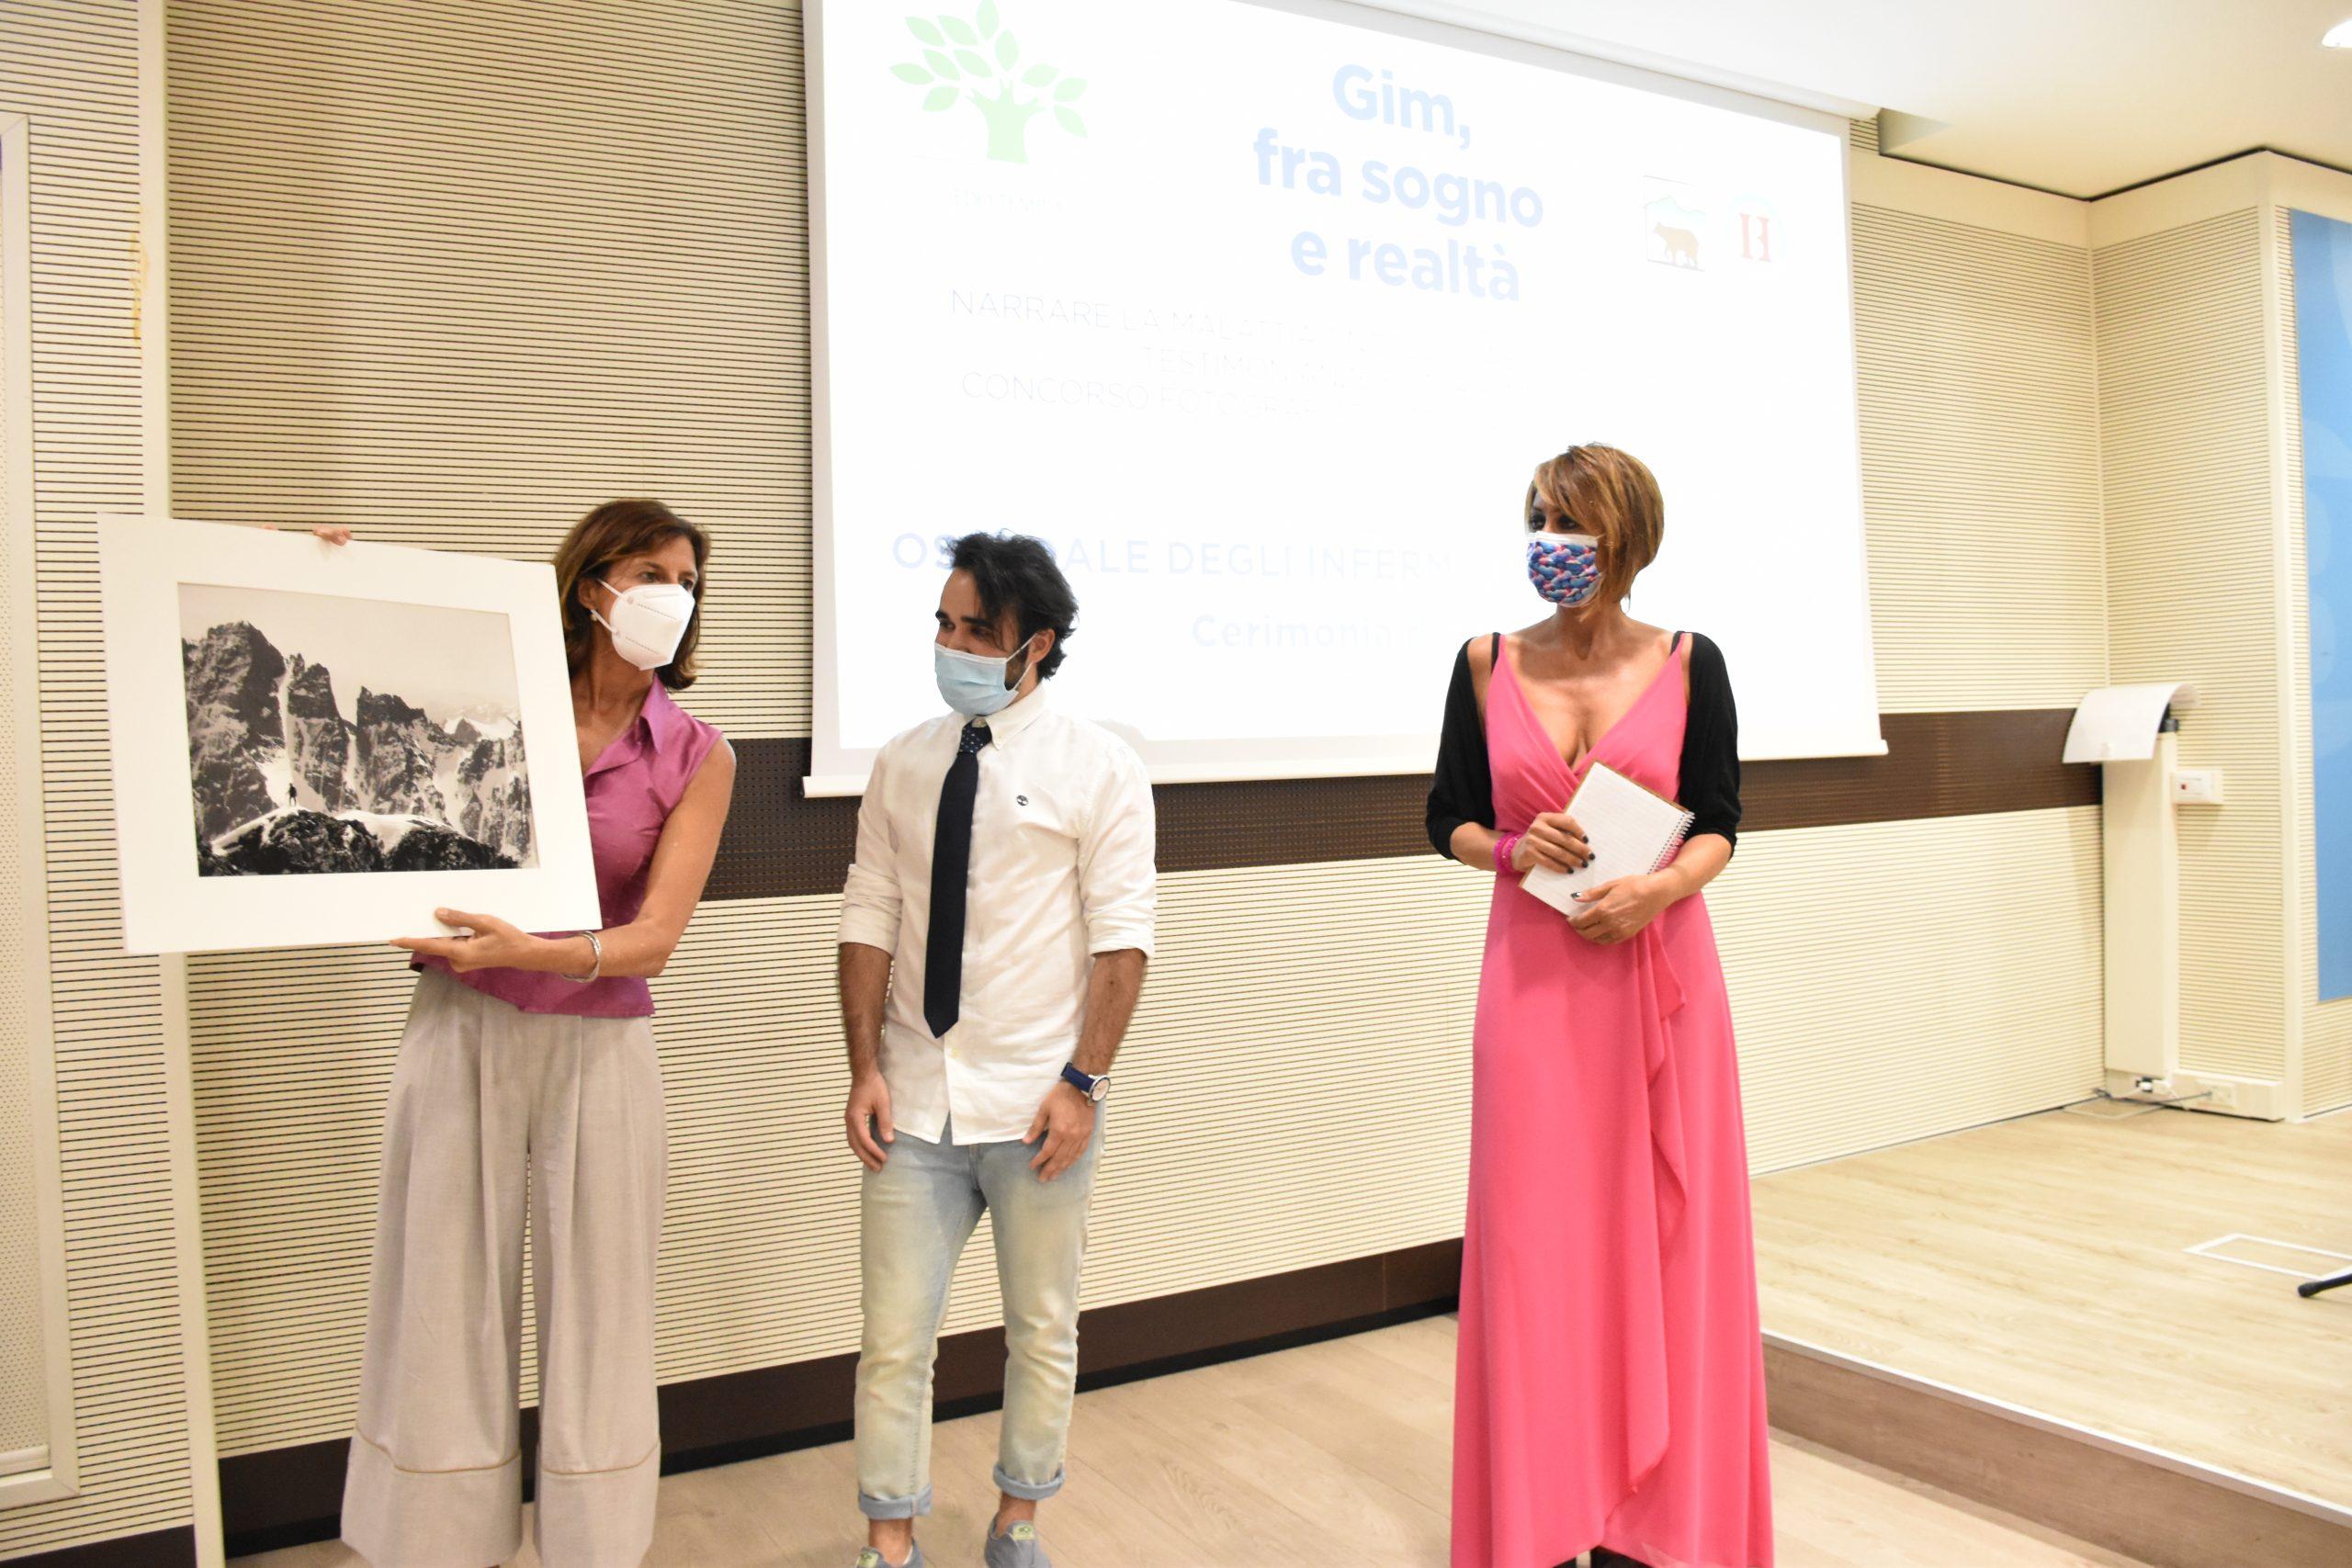 Il giornalista Luca Deias alla premiazione dell'edizione 2021 del concorso letterario Gim, fra sogno e realtà del Fondo Edo Tempia di Biella.